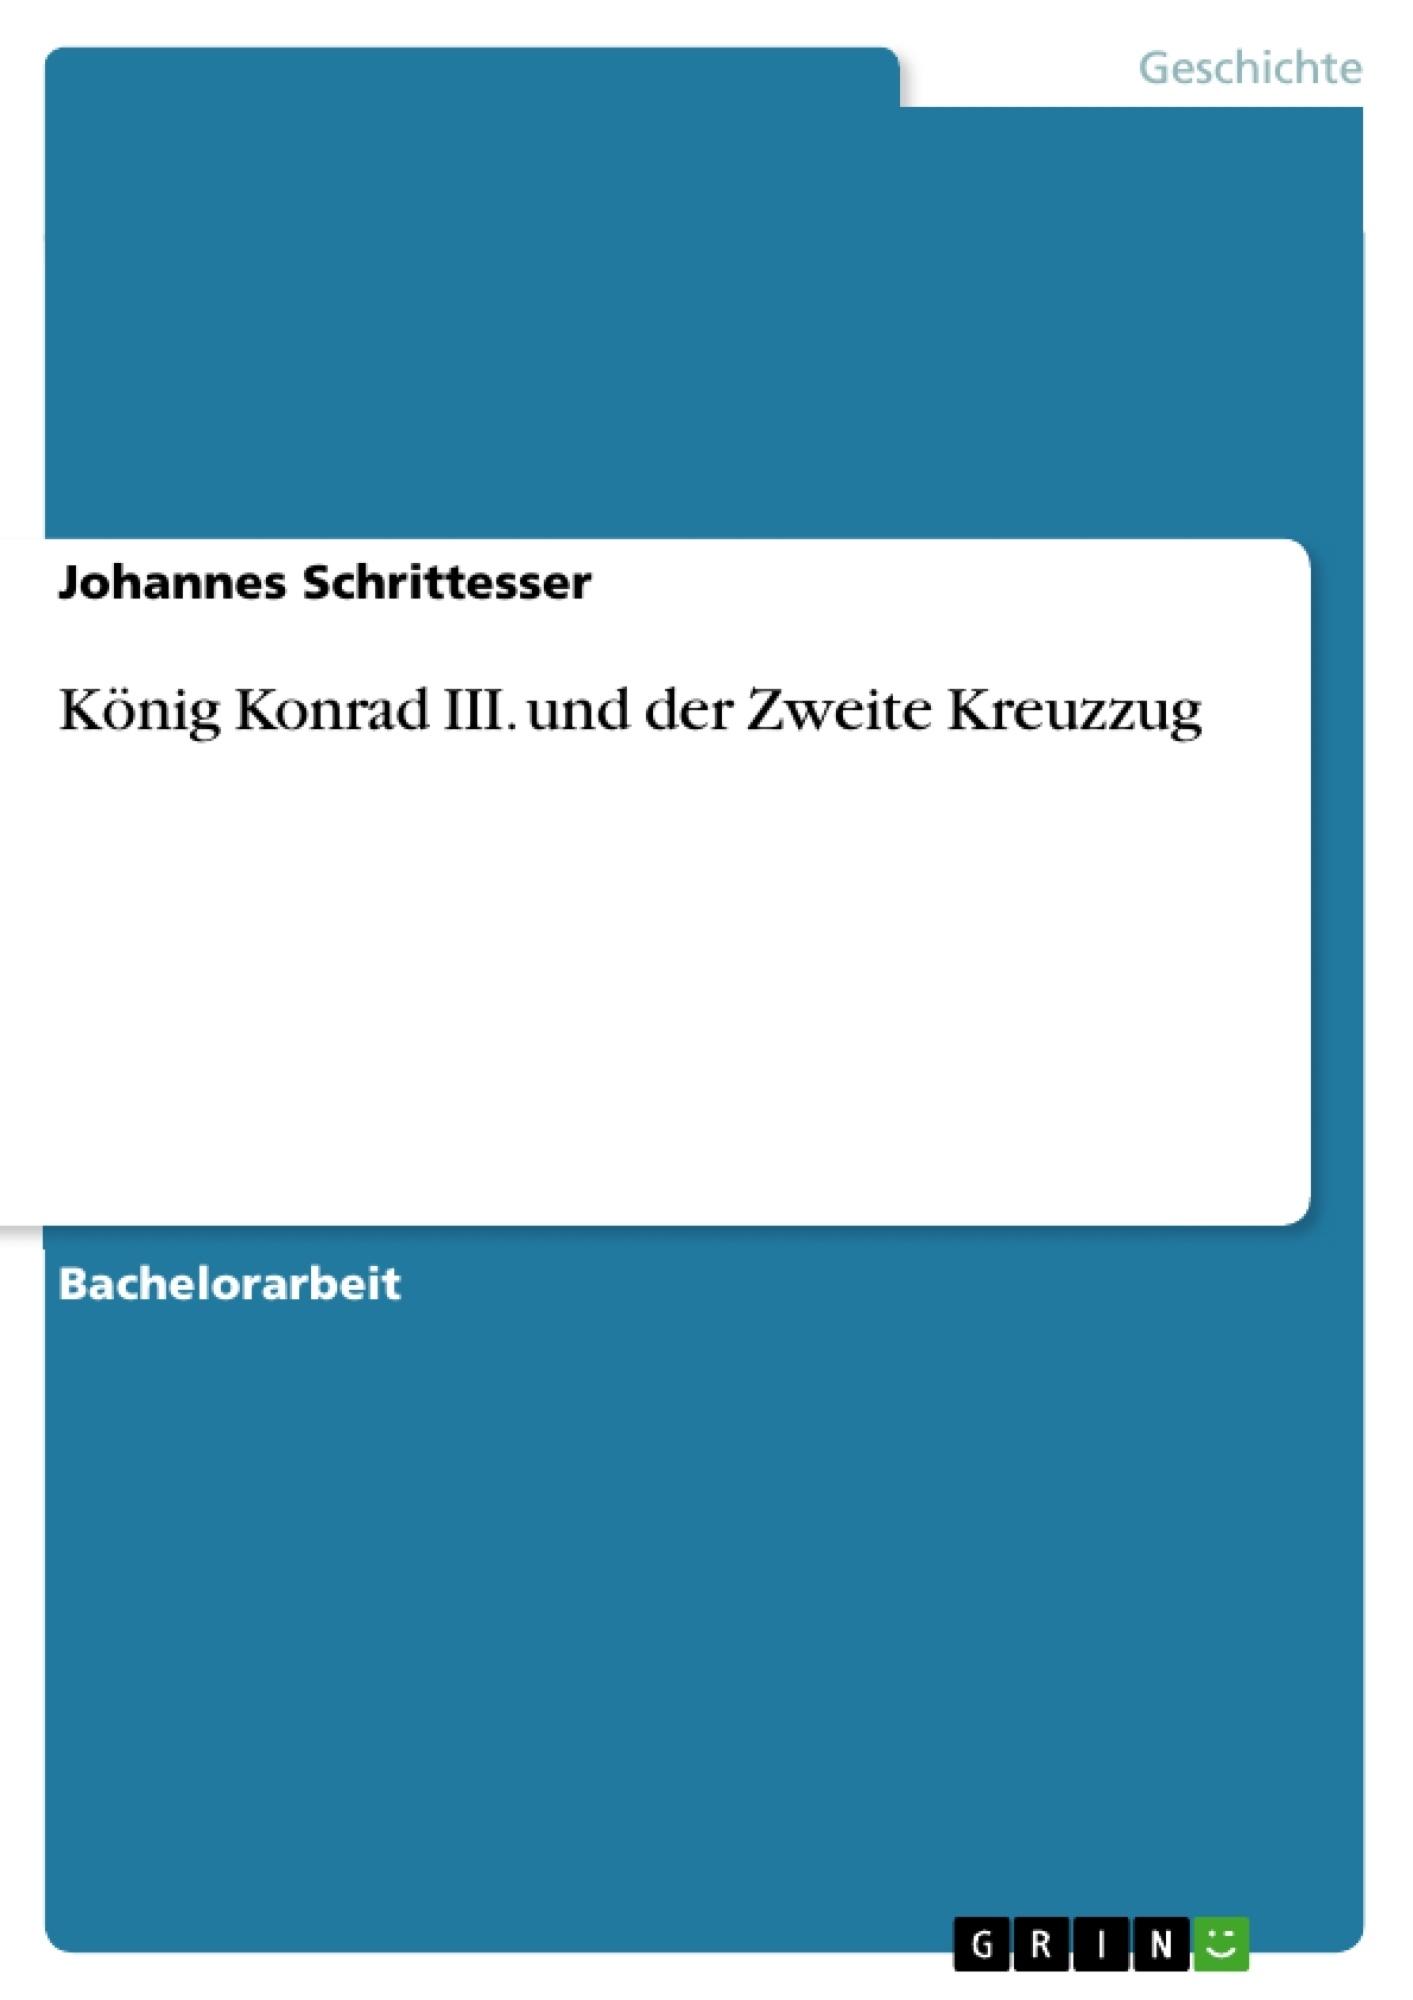 Titel: König Konrad III. und der Zweite Kreuzzug